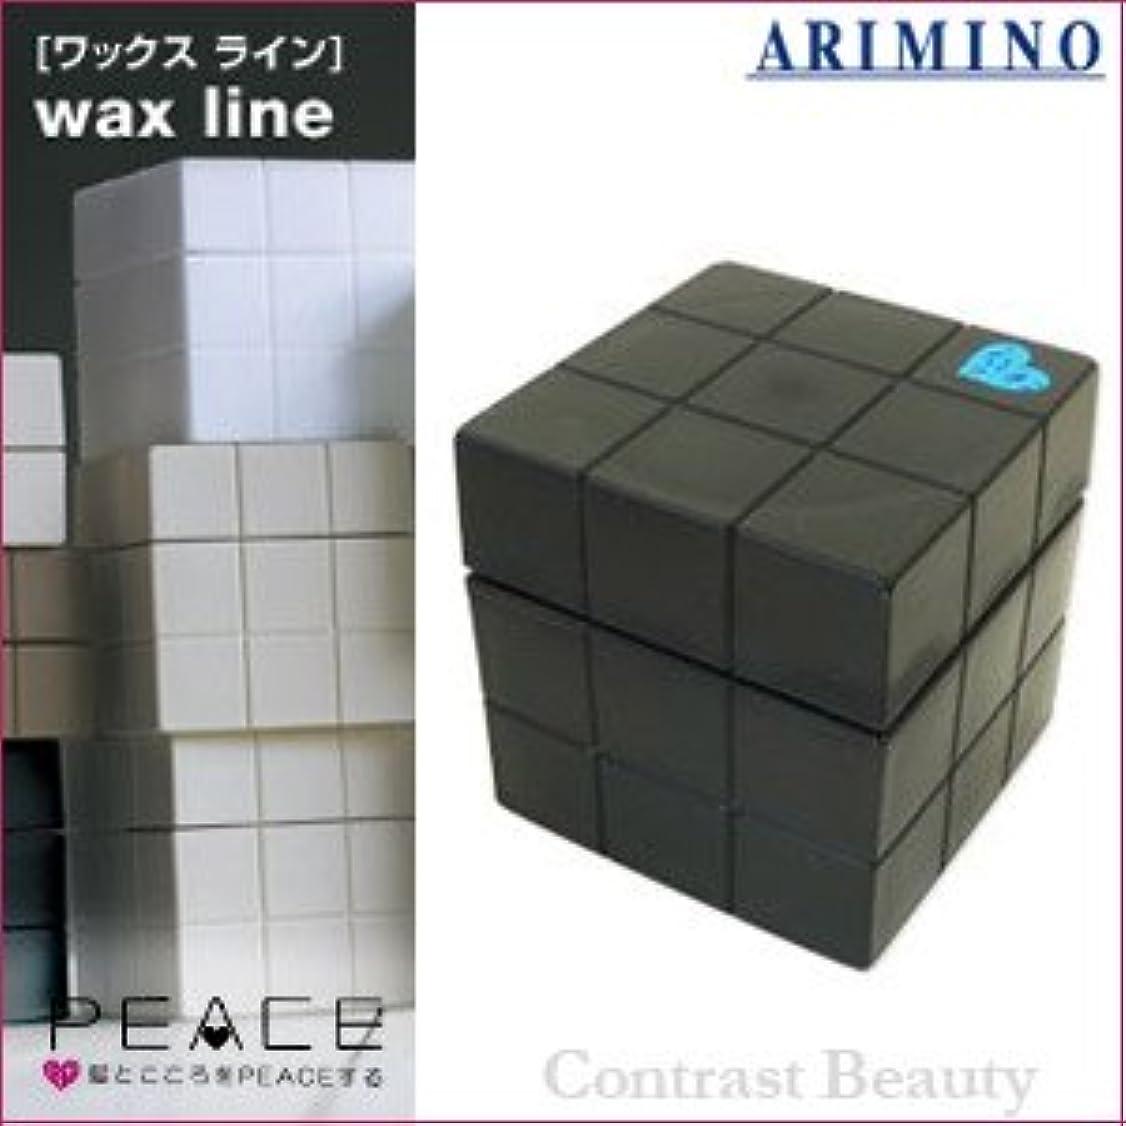 のため数うなずく【X4個セット】 アリミノ ピース プロデザインシリーズ フリーズキープワックス ブラック 80g